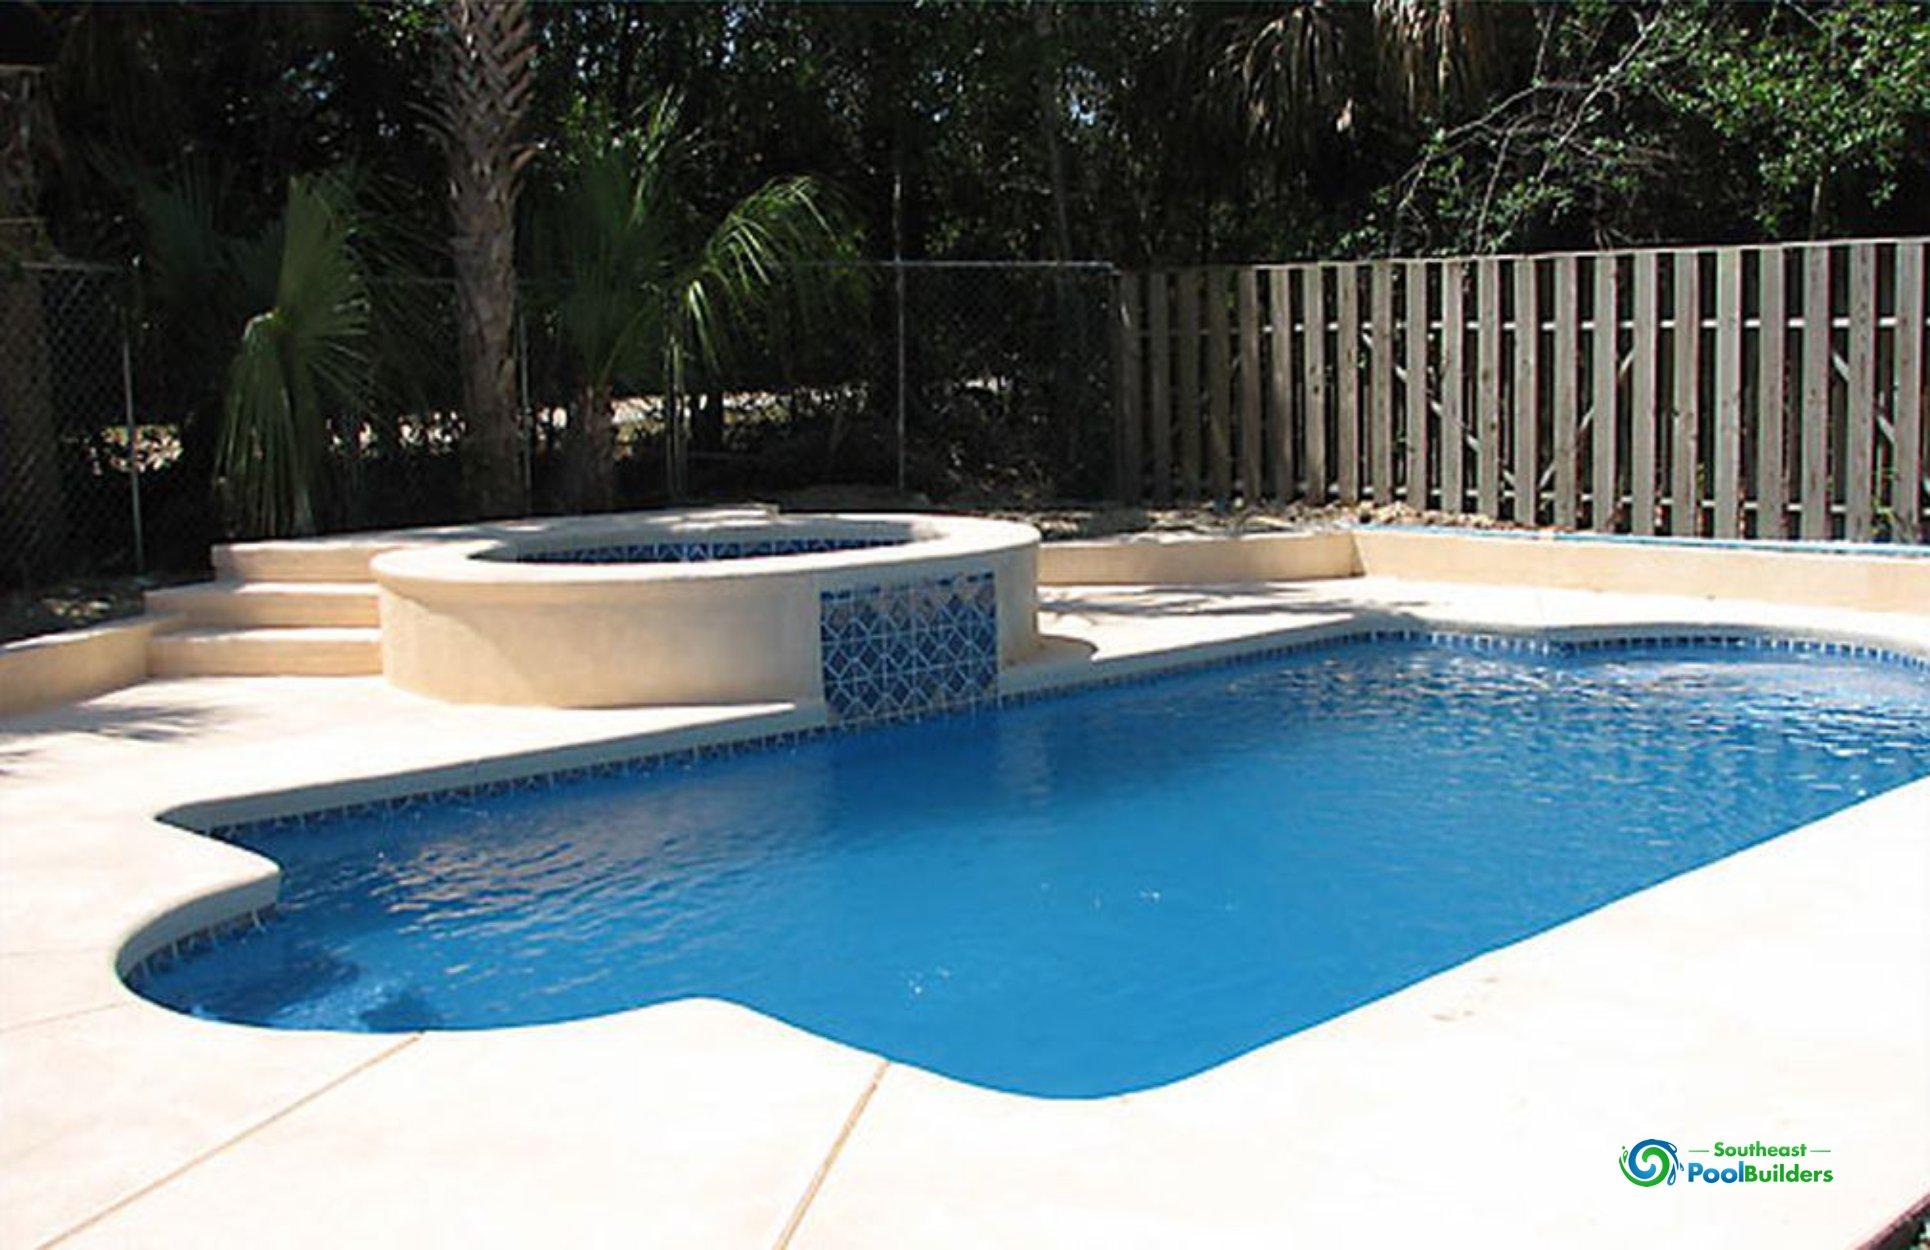 Barrier reef pools milano custom pool builder central - Barrier reef pools ...